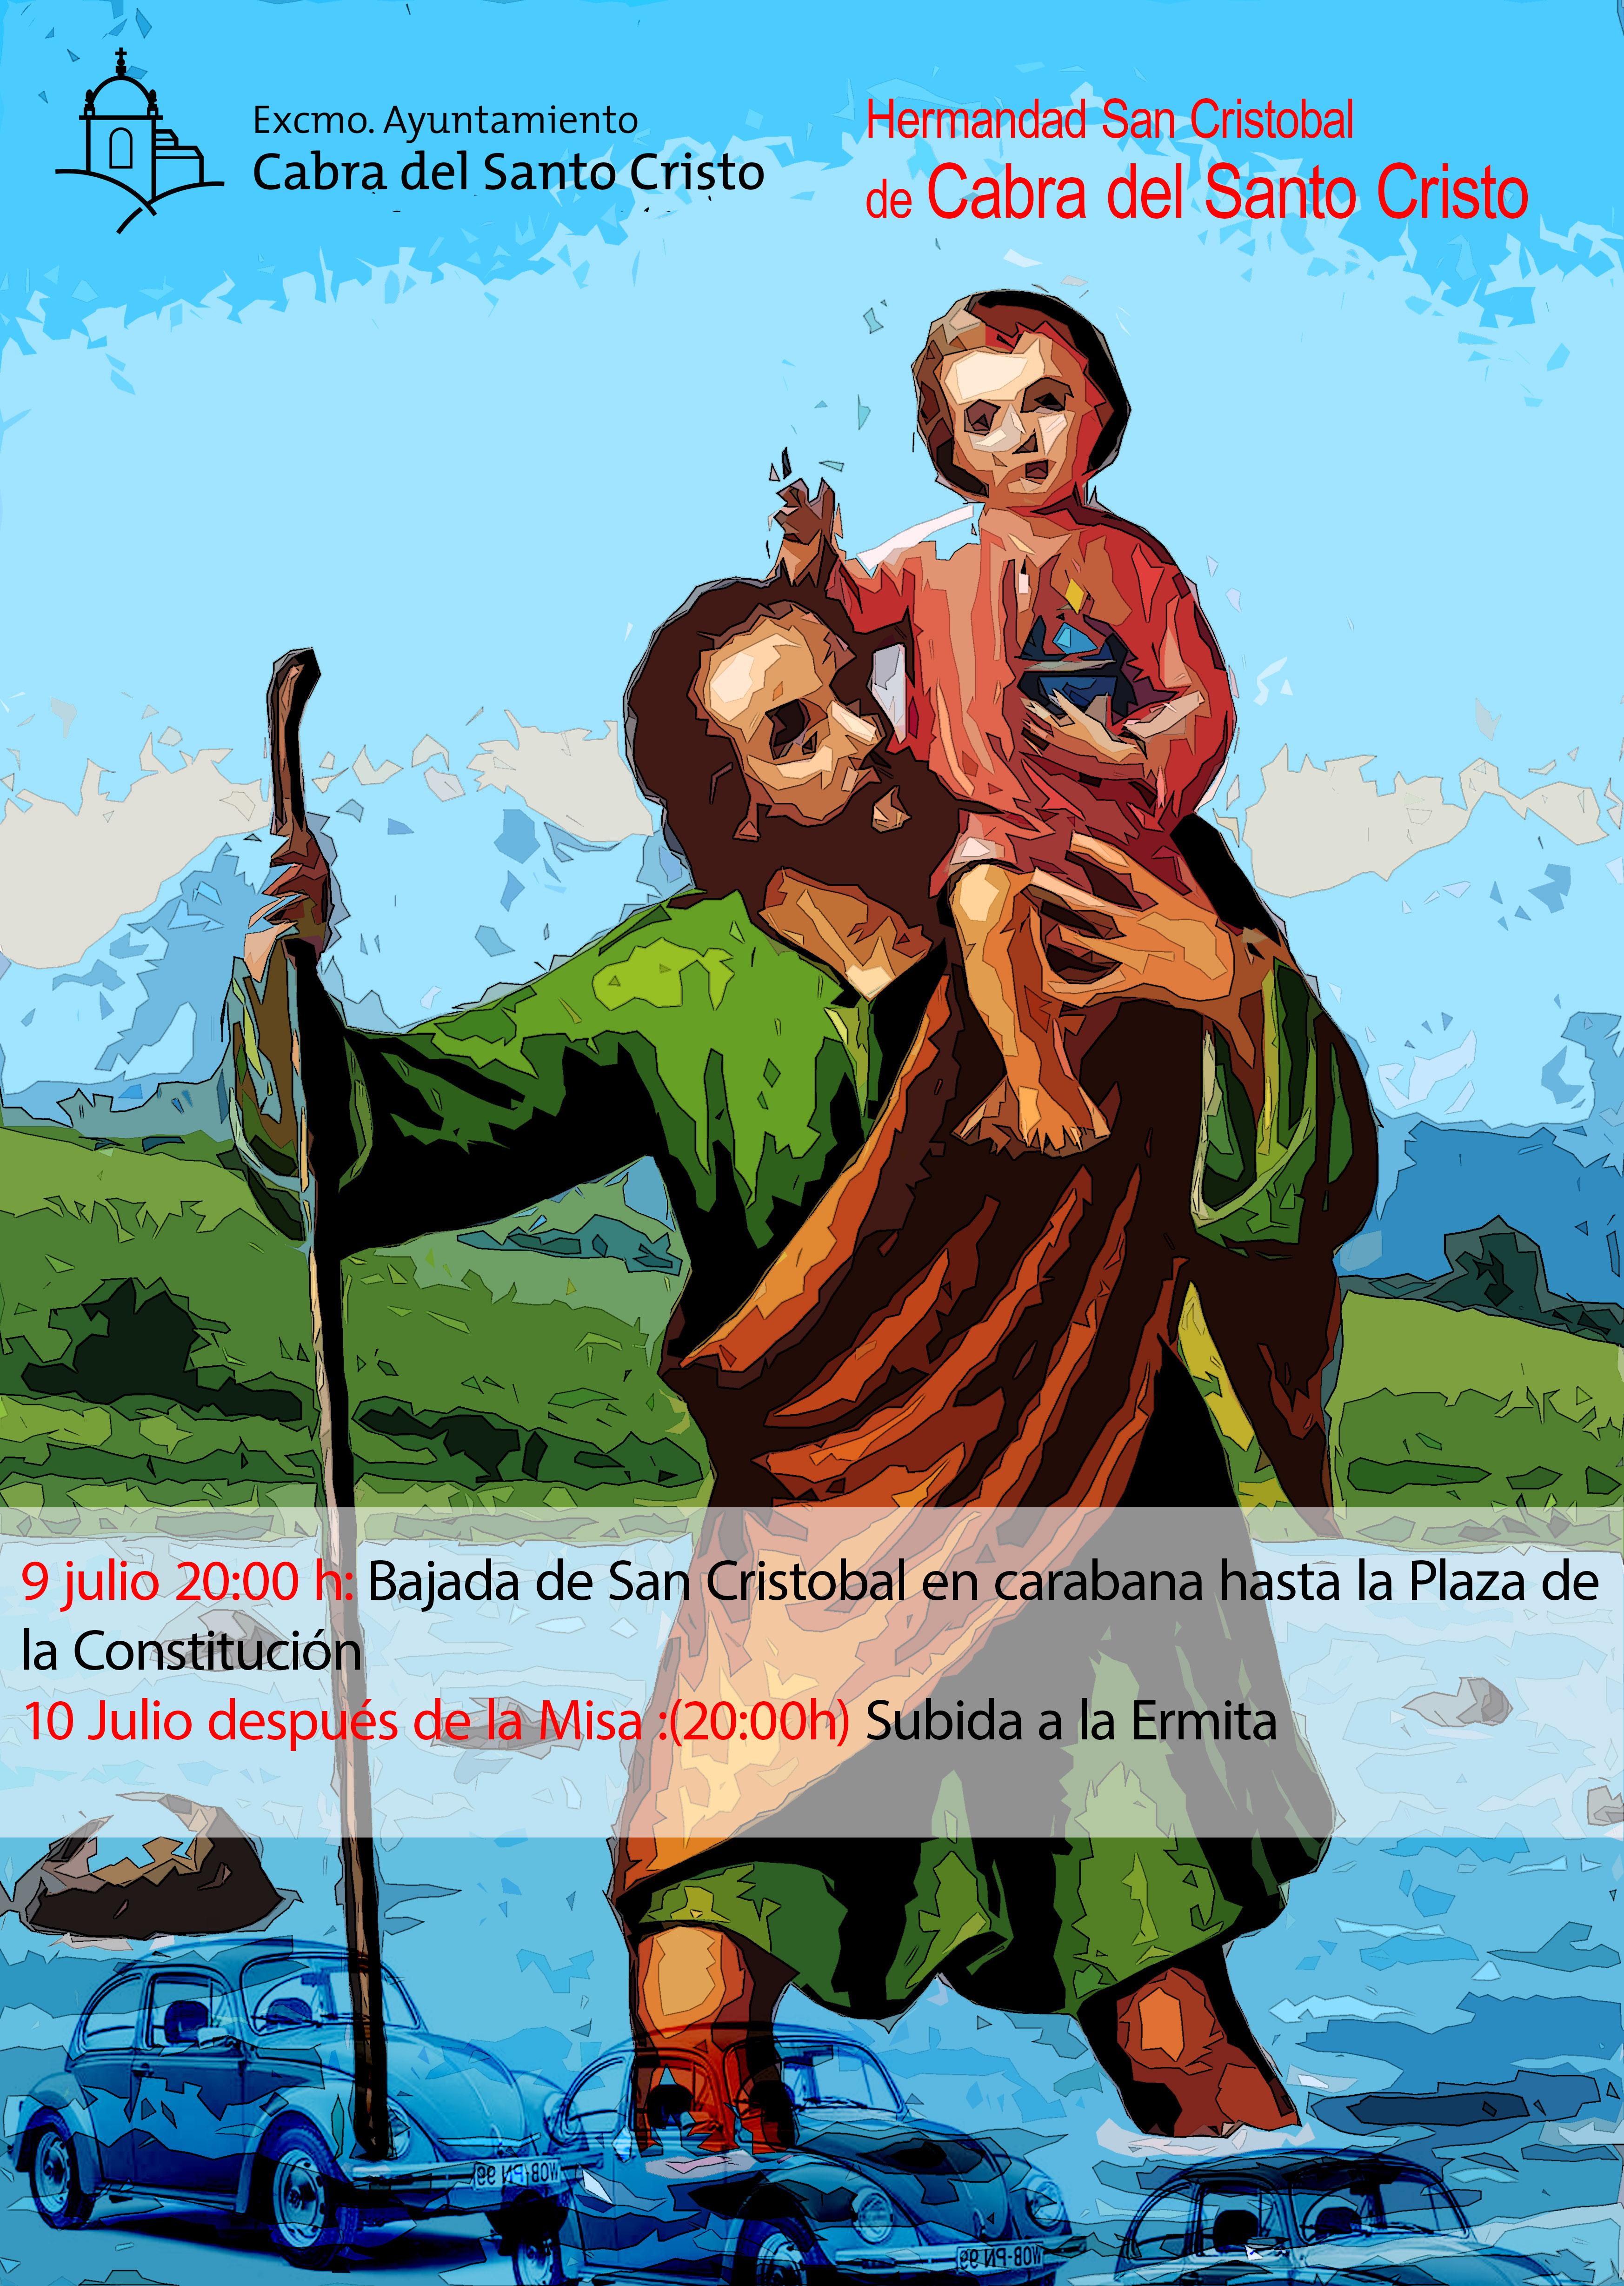 Celebración día de San Cristobal